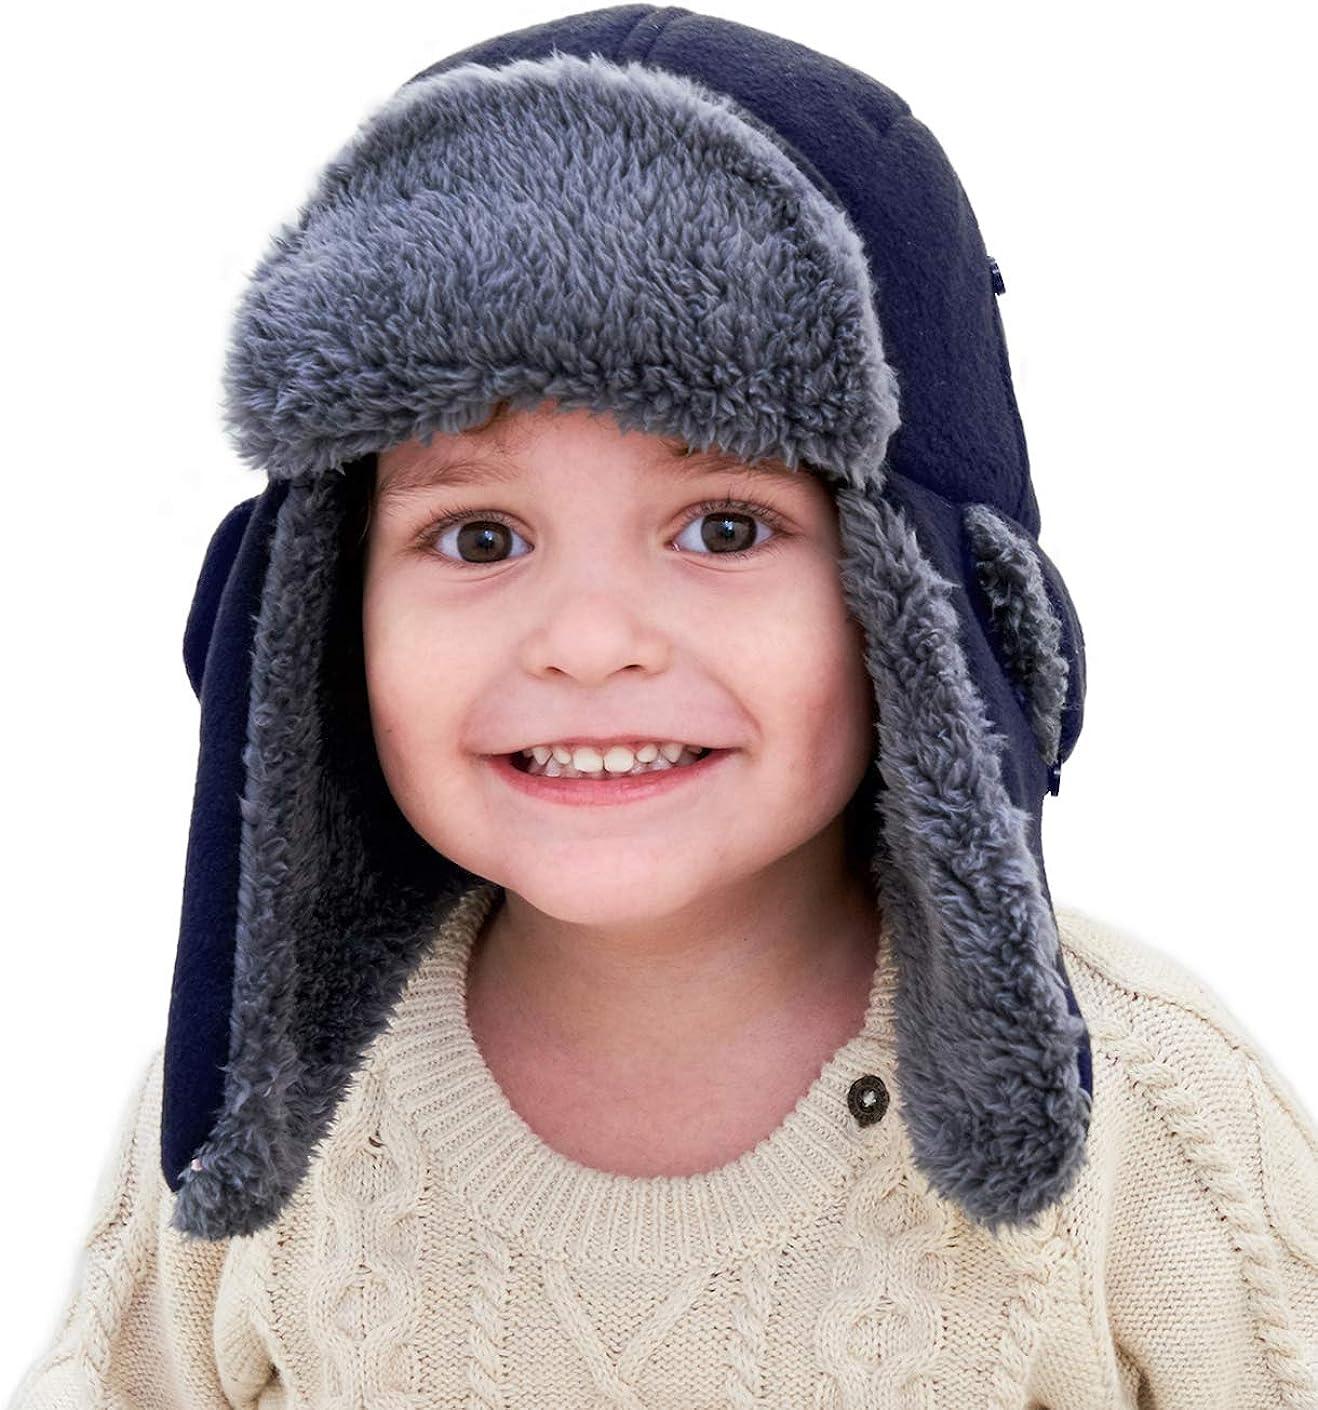 Home Prefer Toddler Boys Winter Hat Long Earflaps Warm Fleece Trapper Hat